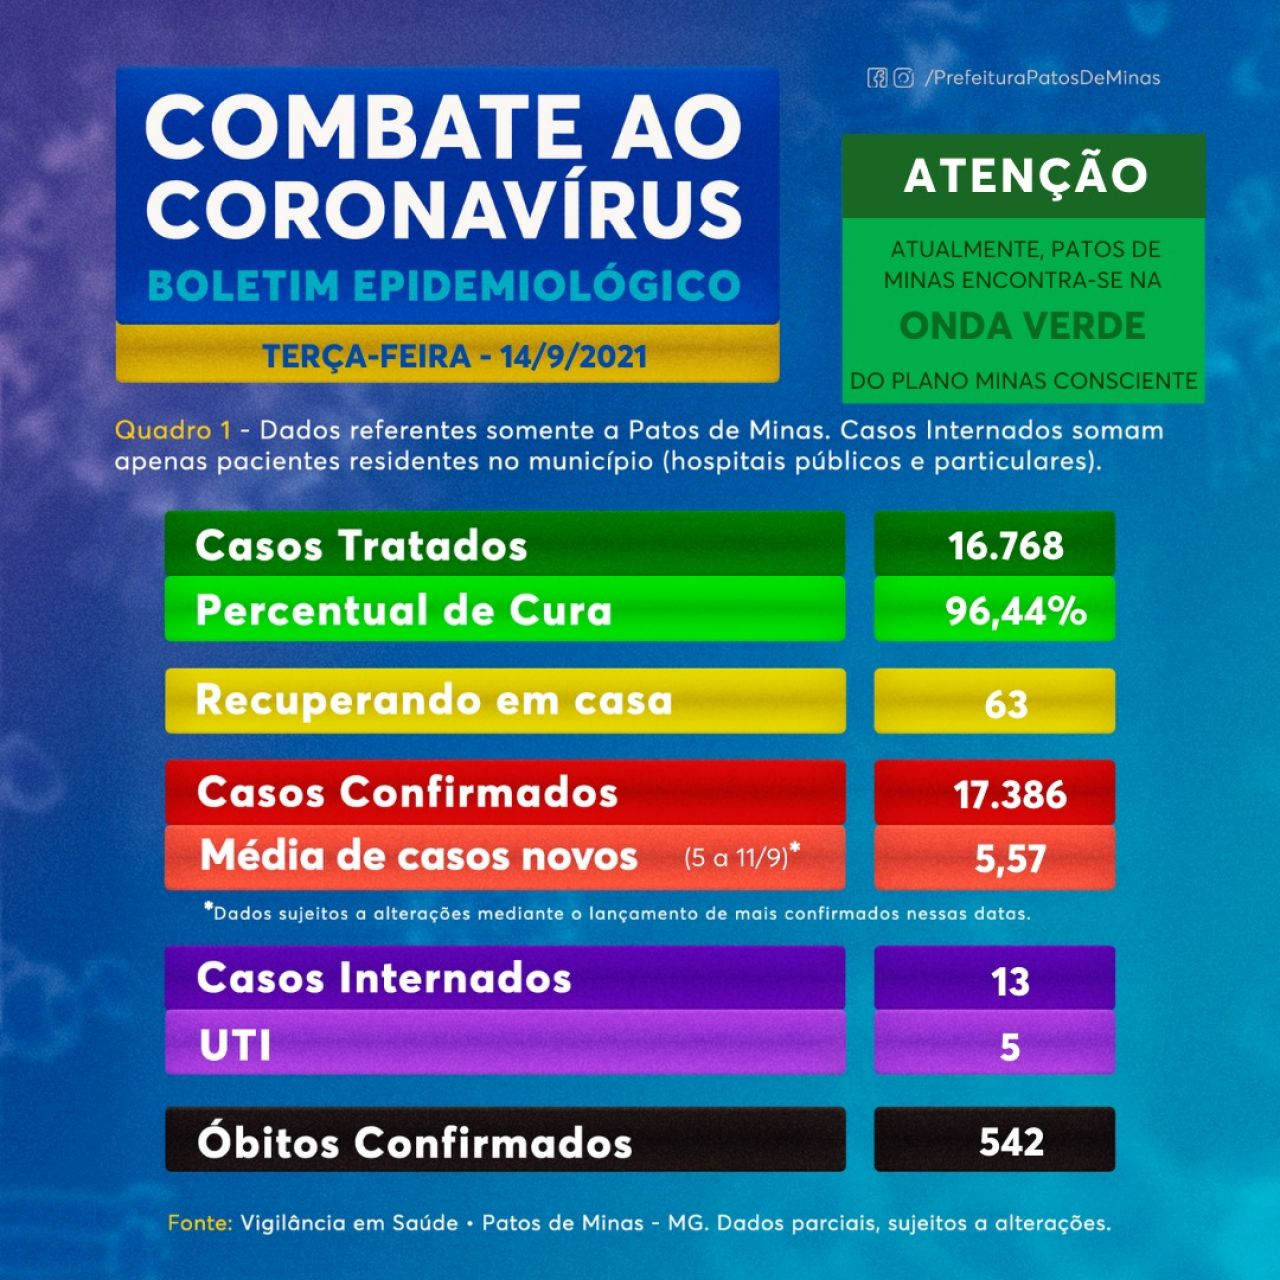 Covid-19: boletim informa 17 novos casos e confirma 1 óbito